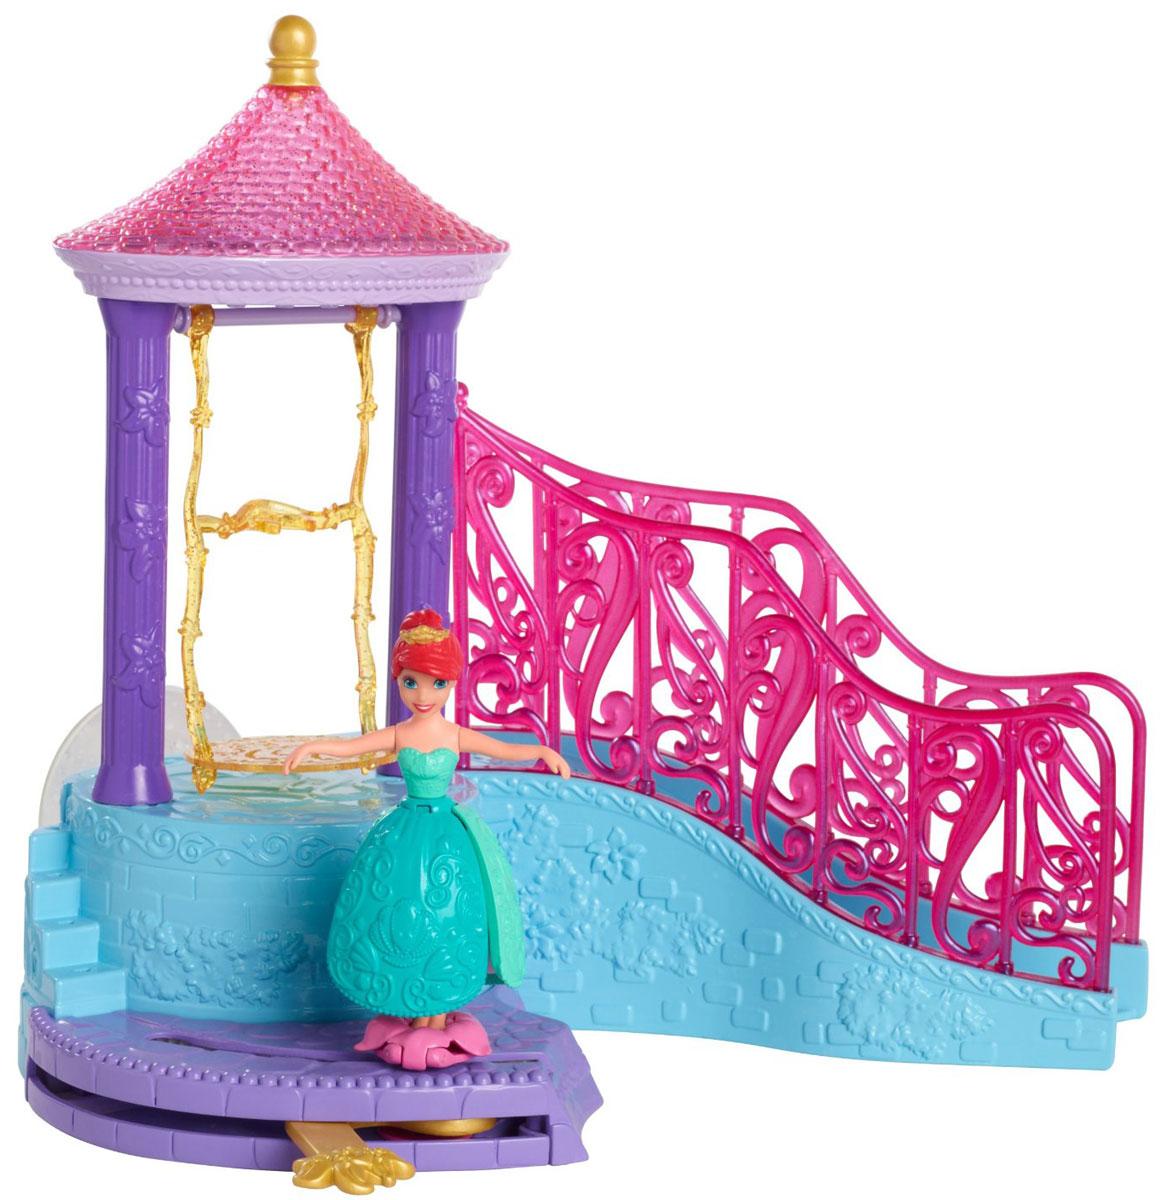 Disney Princess Игровой набор Морской дворец принцессыBDJ63Игровой набор Disney Princess Морской дворец принцессы подарит вашей дочурке множество веселья и разнообразных игр! Дворец состоит из беседки, куда можно поставить куклу принцессы, чтобы та стояла под струйками воды, а также горки, чтобы Ариэль могла скатываться вниз, и площадки, по которым принцесса может прогуливаться. Поставьте принцессу в беседку, снимите с той крышку и используйте ее как чашечку, чтобы лить воду сверху. Тогда вода прольется вниз красивыми водопадами! Потом снимите куклу и установите ее на розовый цветок-подставку на площадке ниже. Если двигать рычаг, то подставка вместе с принцессой проедет по всей площадке из одного ее конца в другой. Опустите плавающую принцессу в воду: ее юбка раскроется, как лепестки цветка и фигурка будет держаться на поверхности воды. Также куклу можно спустить в воду по горке, выходящей из беседки дворца. Игры с куклой способствуют эмоциональному развитию, помогают формировать воображение и художественный...